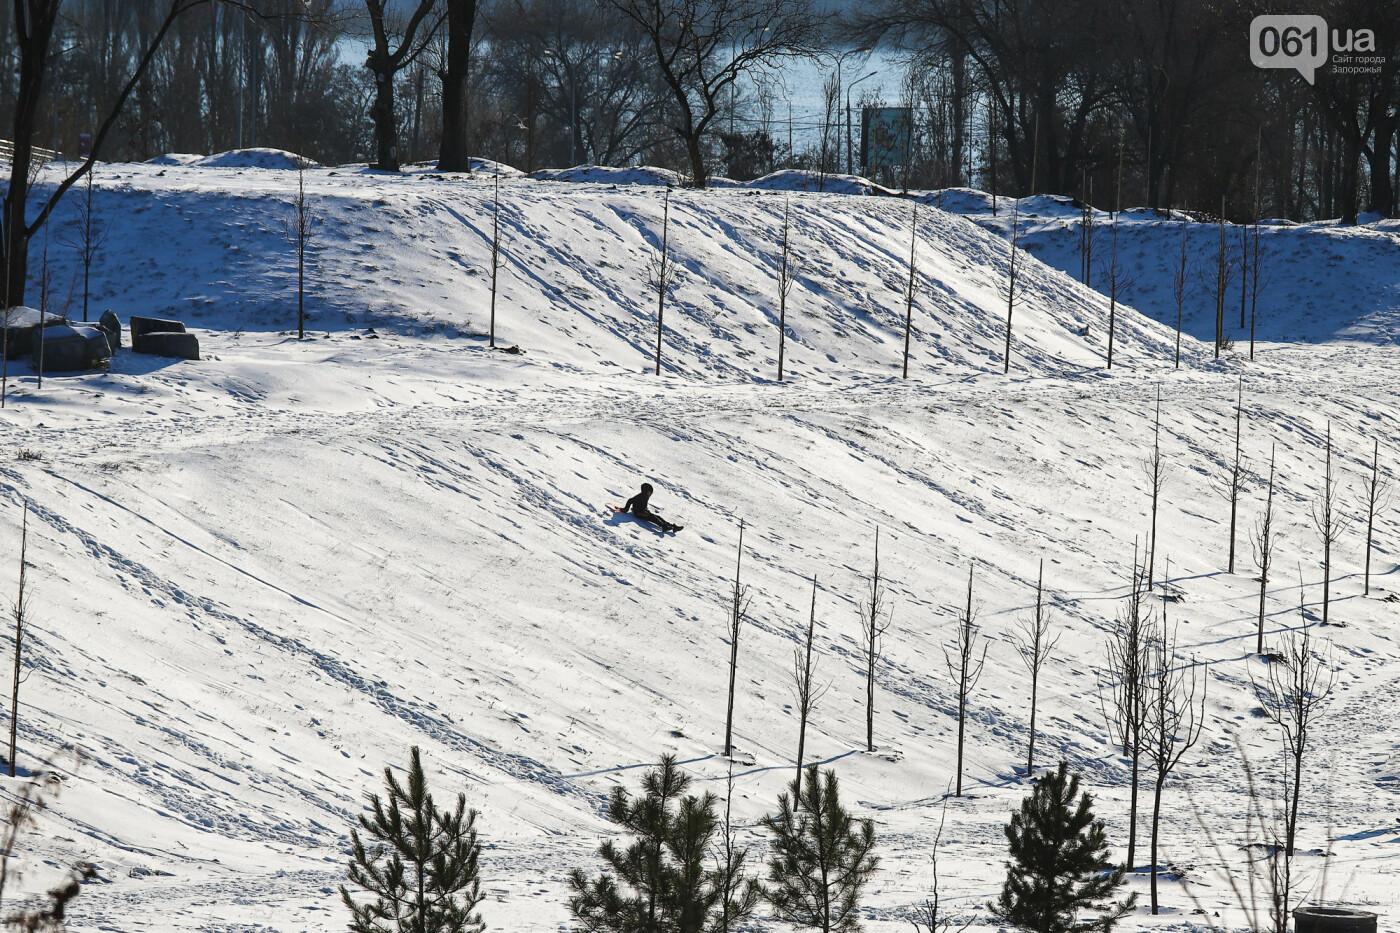 На санках, лыжах и сноуборде: запорожцы устроили массовое катание с горок в Вознесеновском парке, - ФОТОРЕПОРТАЖ, фото-1